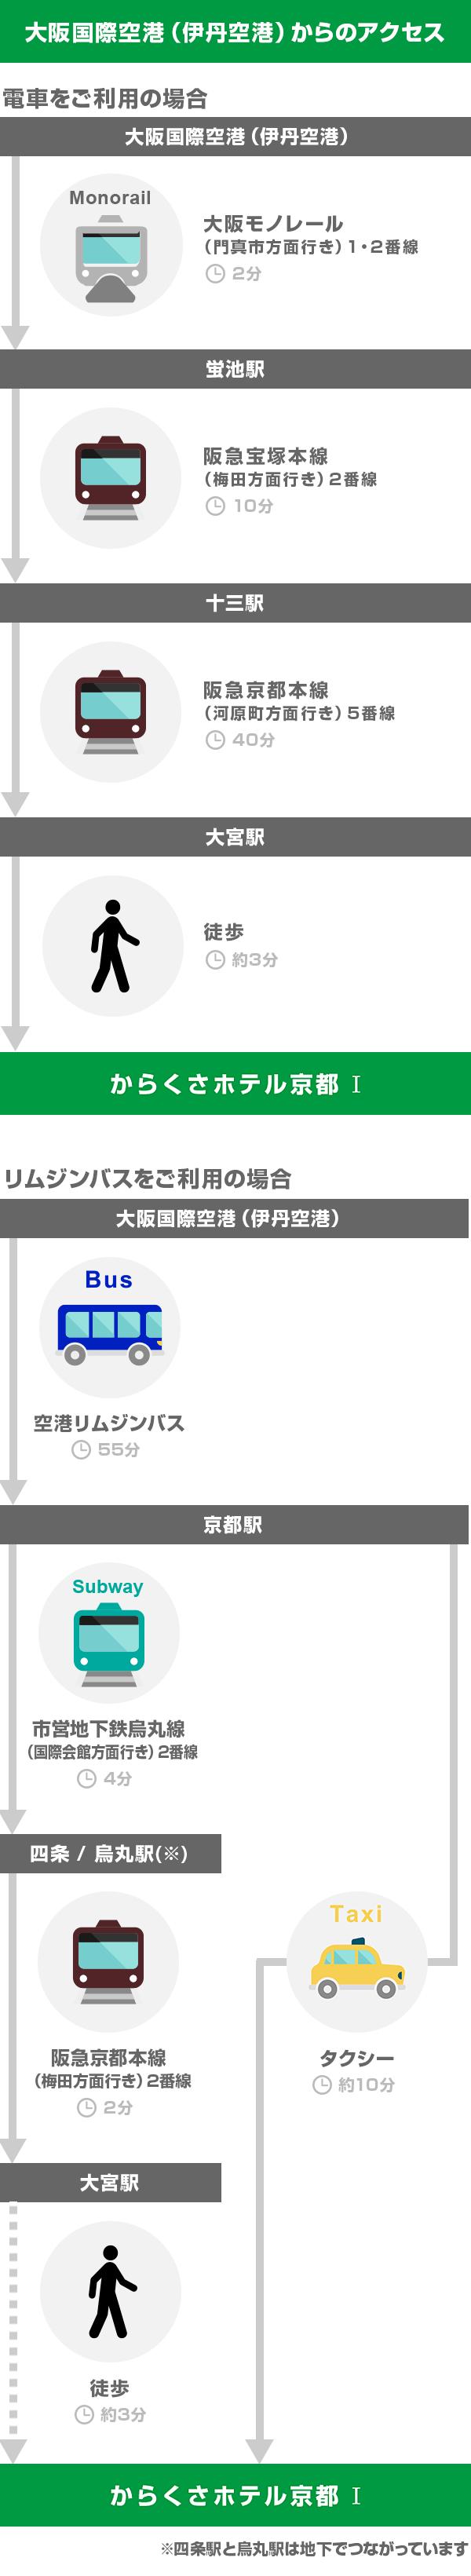 京都 駅 から 伊丹 空港 リムジン バス 時刻 表